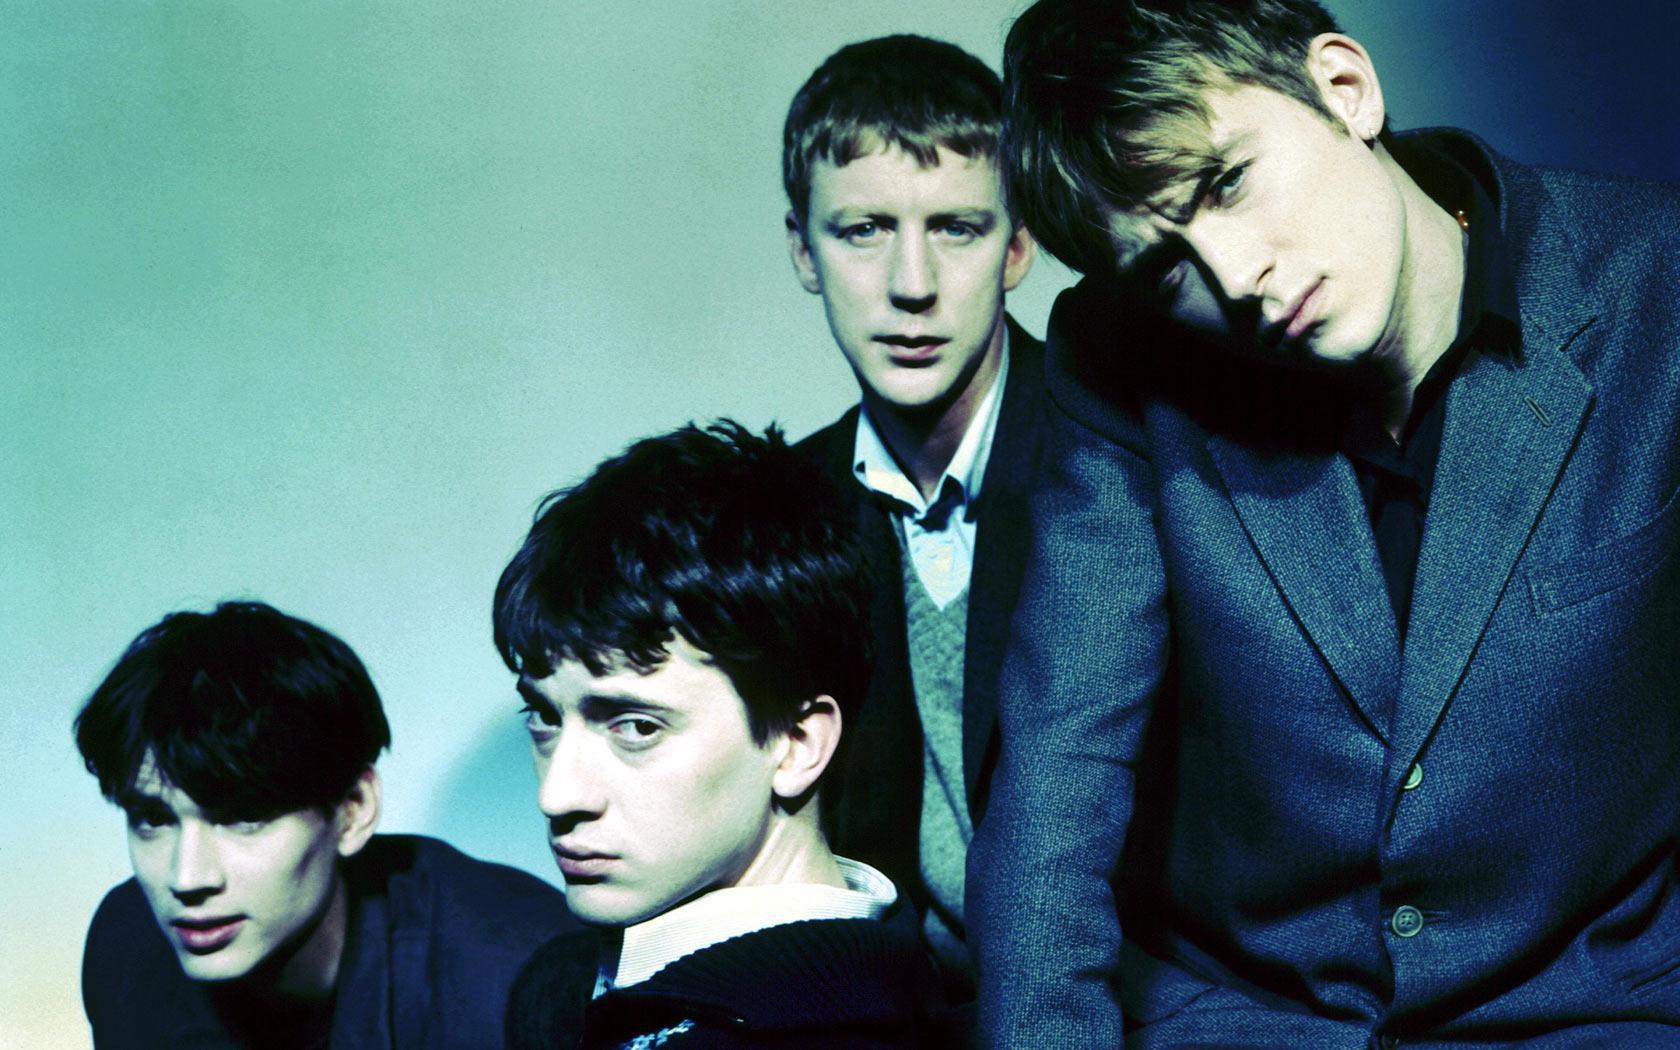 La discographie du groupe Blur